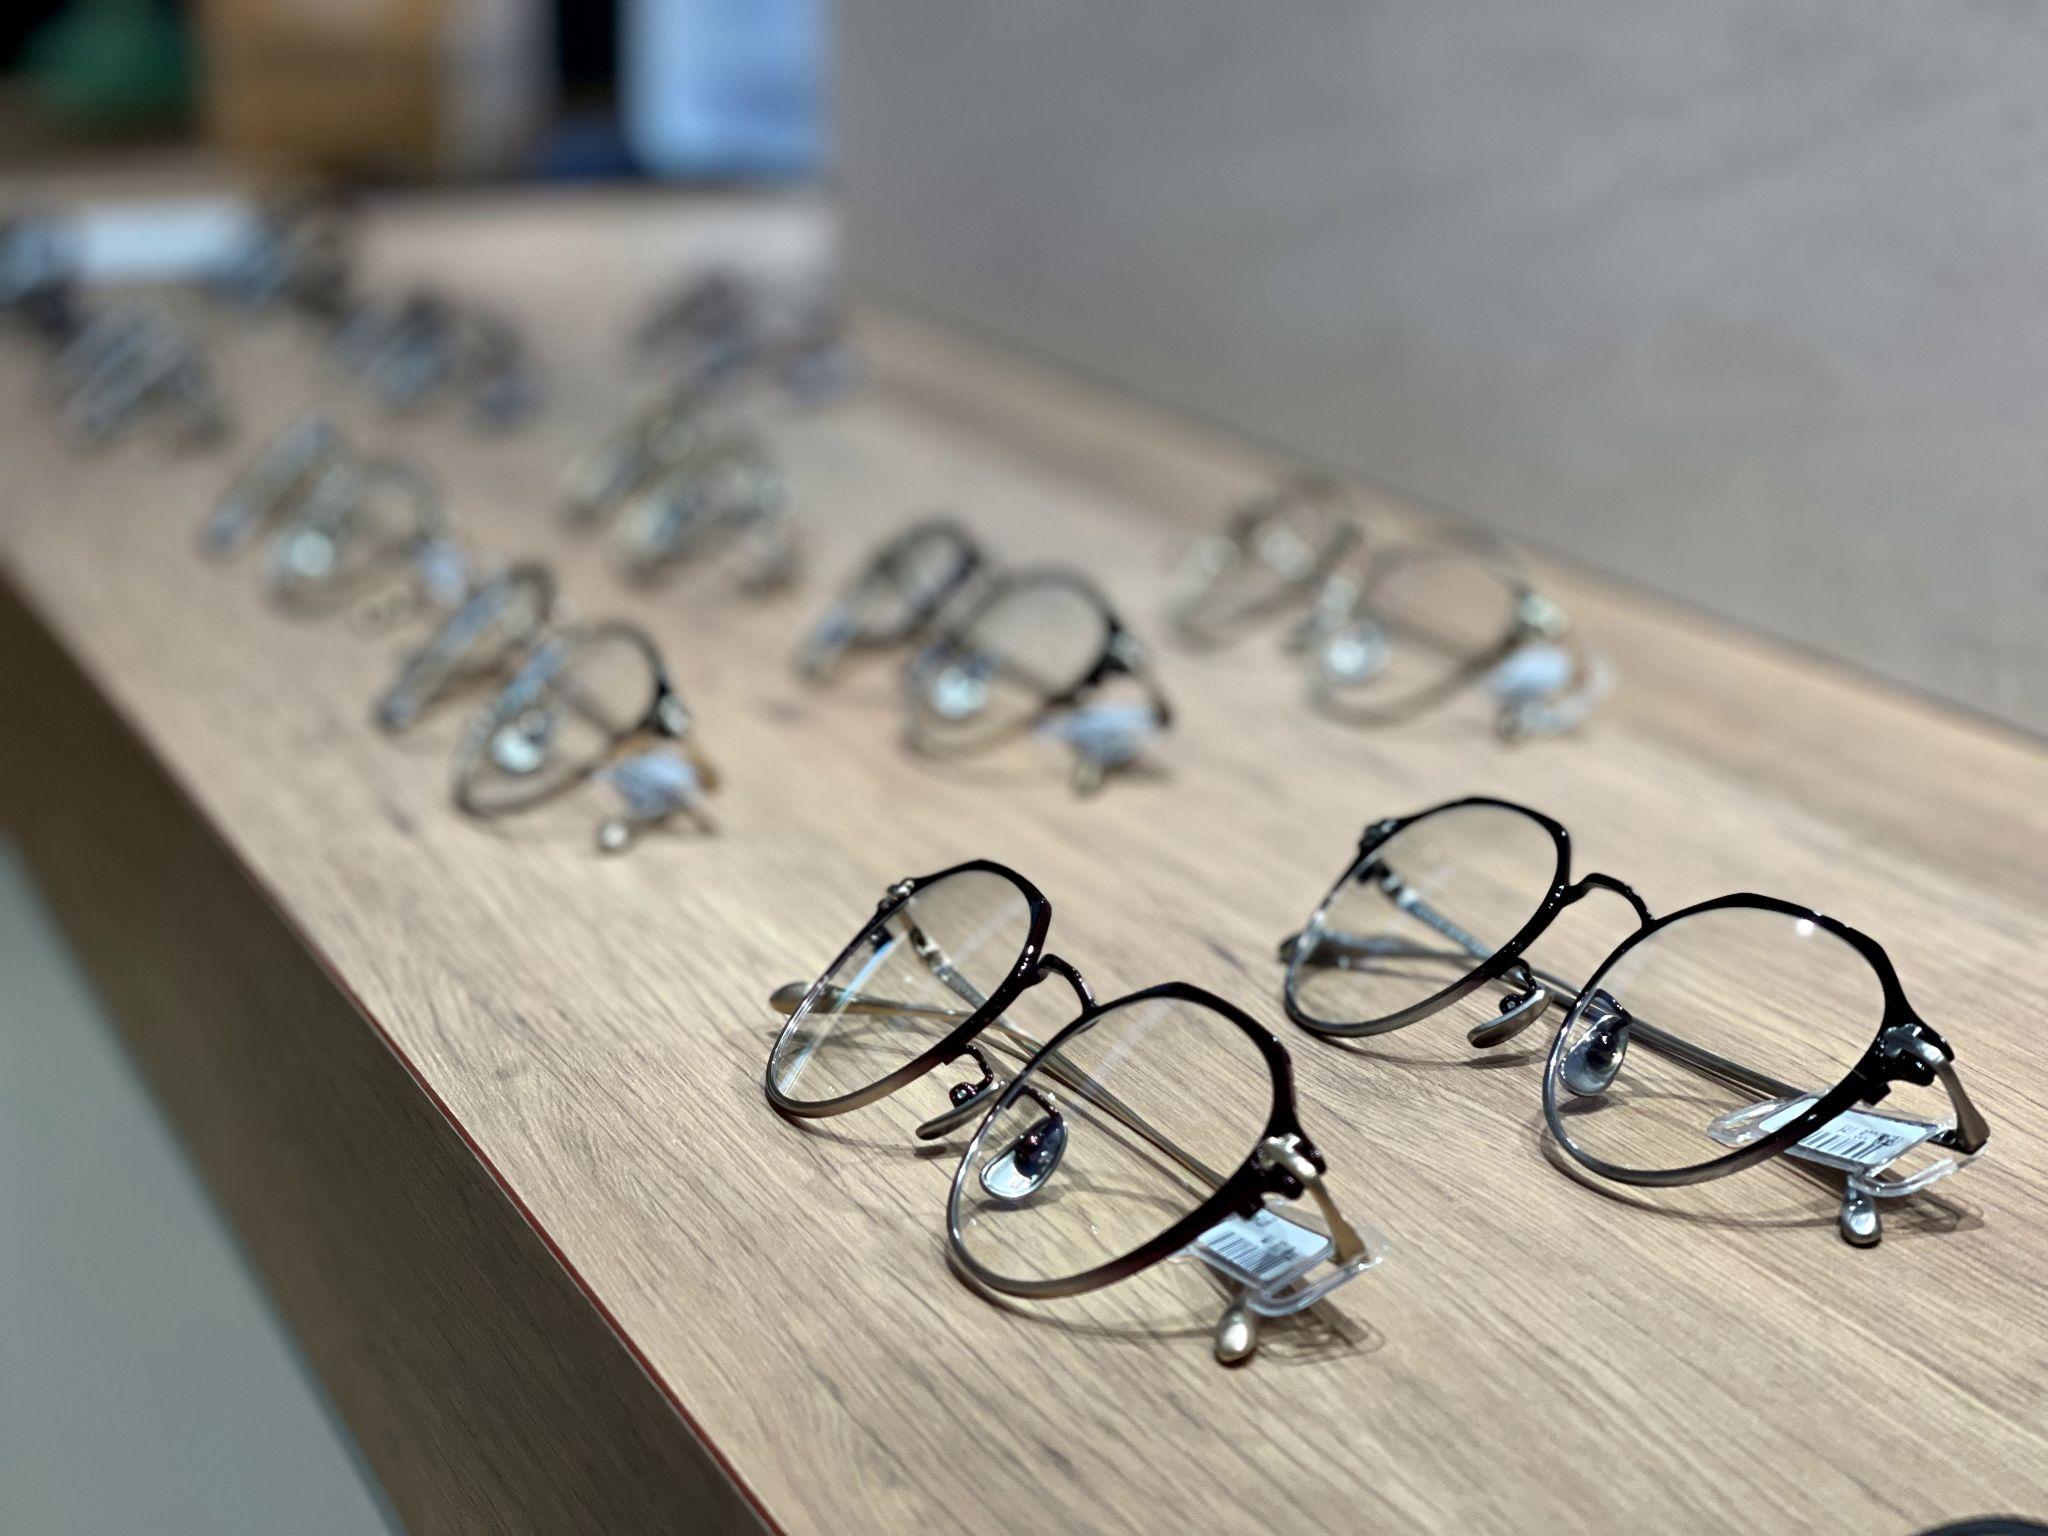 「近くの見え方」にこだわったメガネって?他のメガネとの違いは?